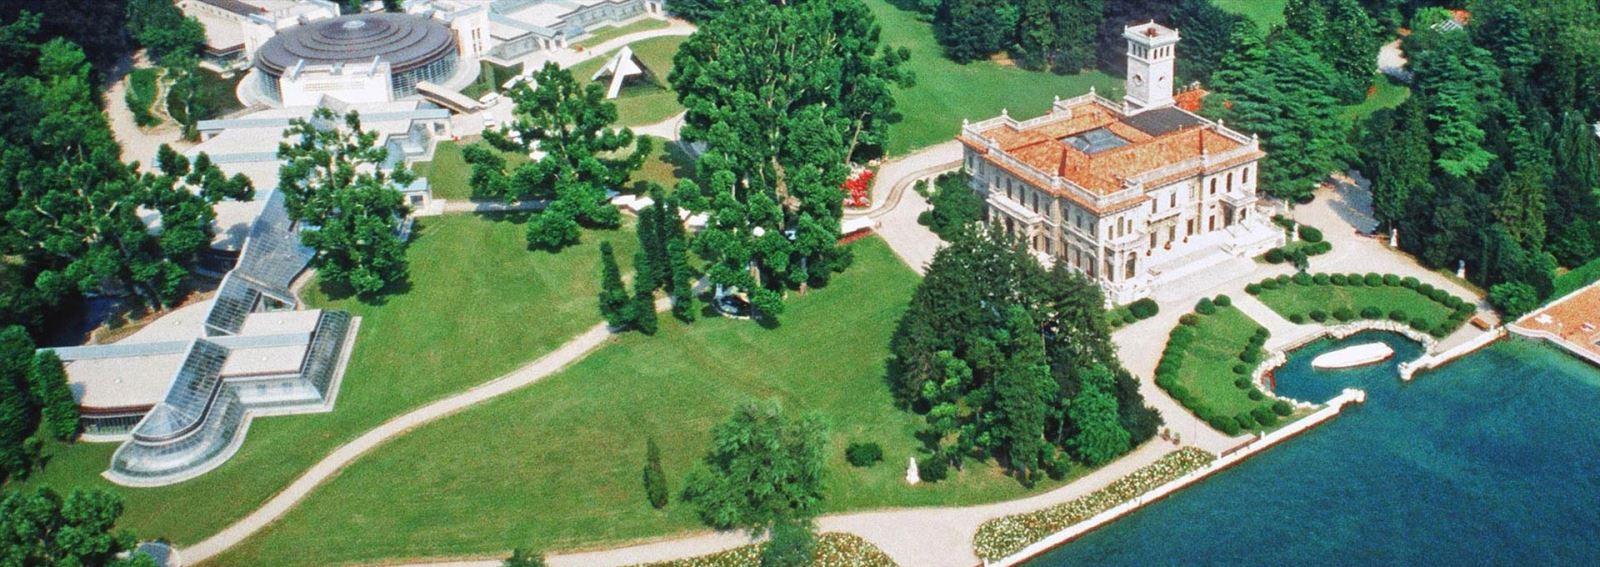 Ville d 39 epoca che affascinano sul lago di como for Villa d este como ristorante